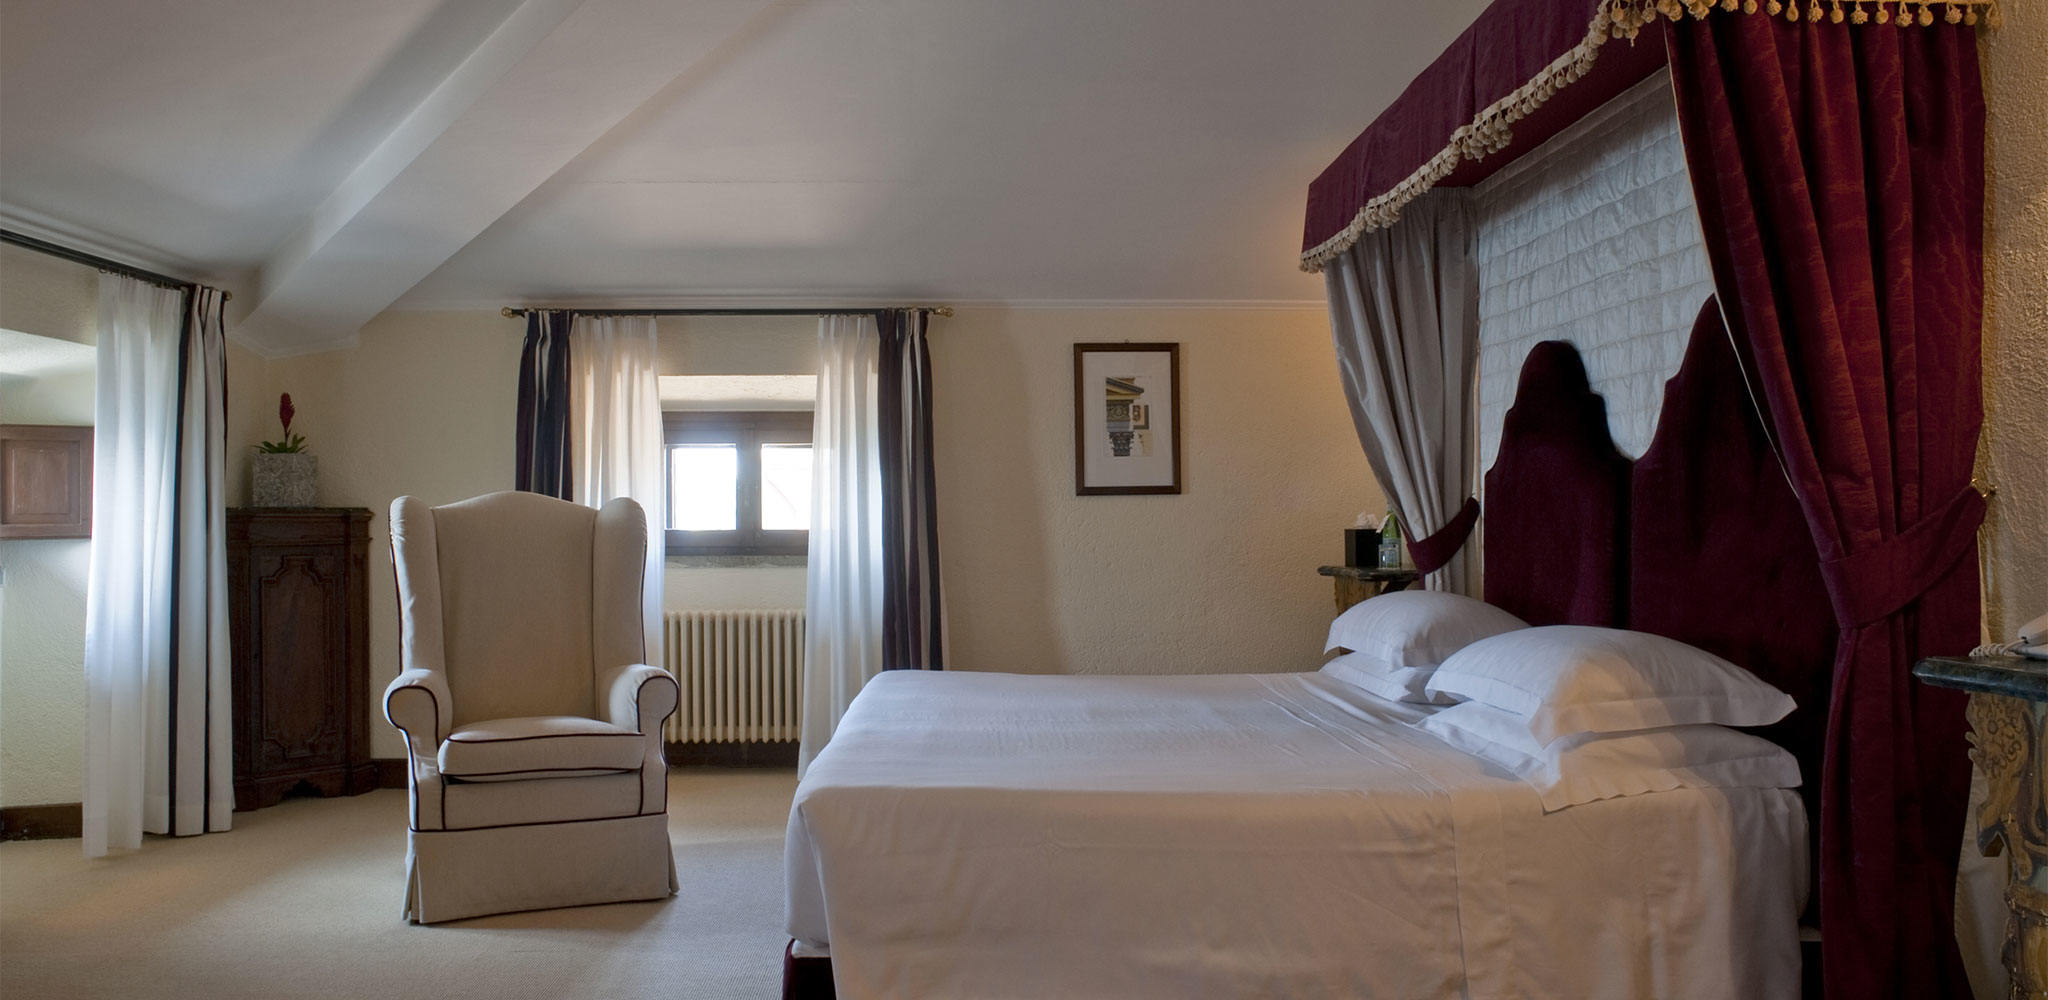 five-star-luxury-hotel-in-rome-la-posta-vecchia-villa-Tower-Junior-Suite